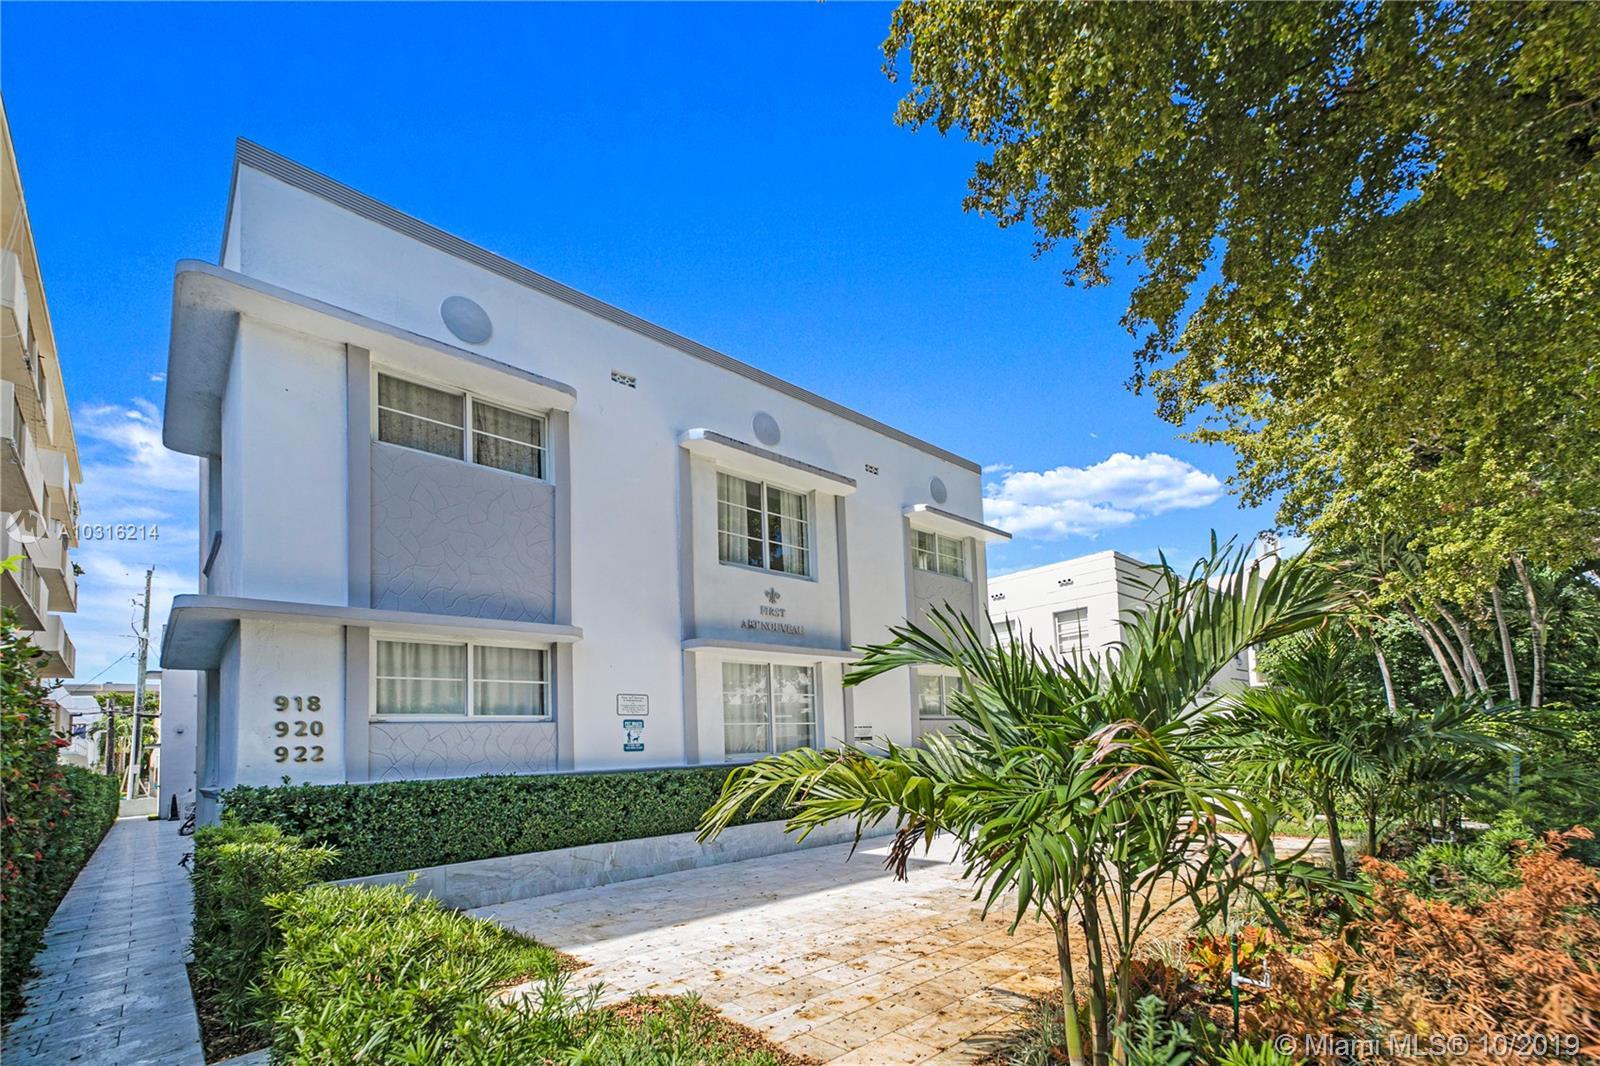 primary photo for 920 Jefferson Ave 5, Miami Beach, FL 33139, US